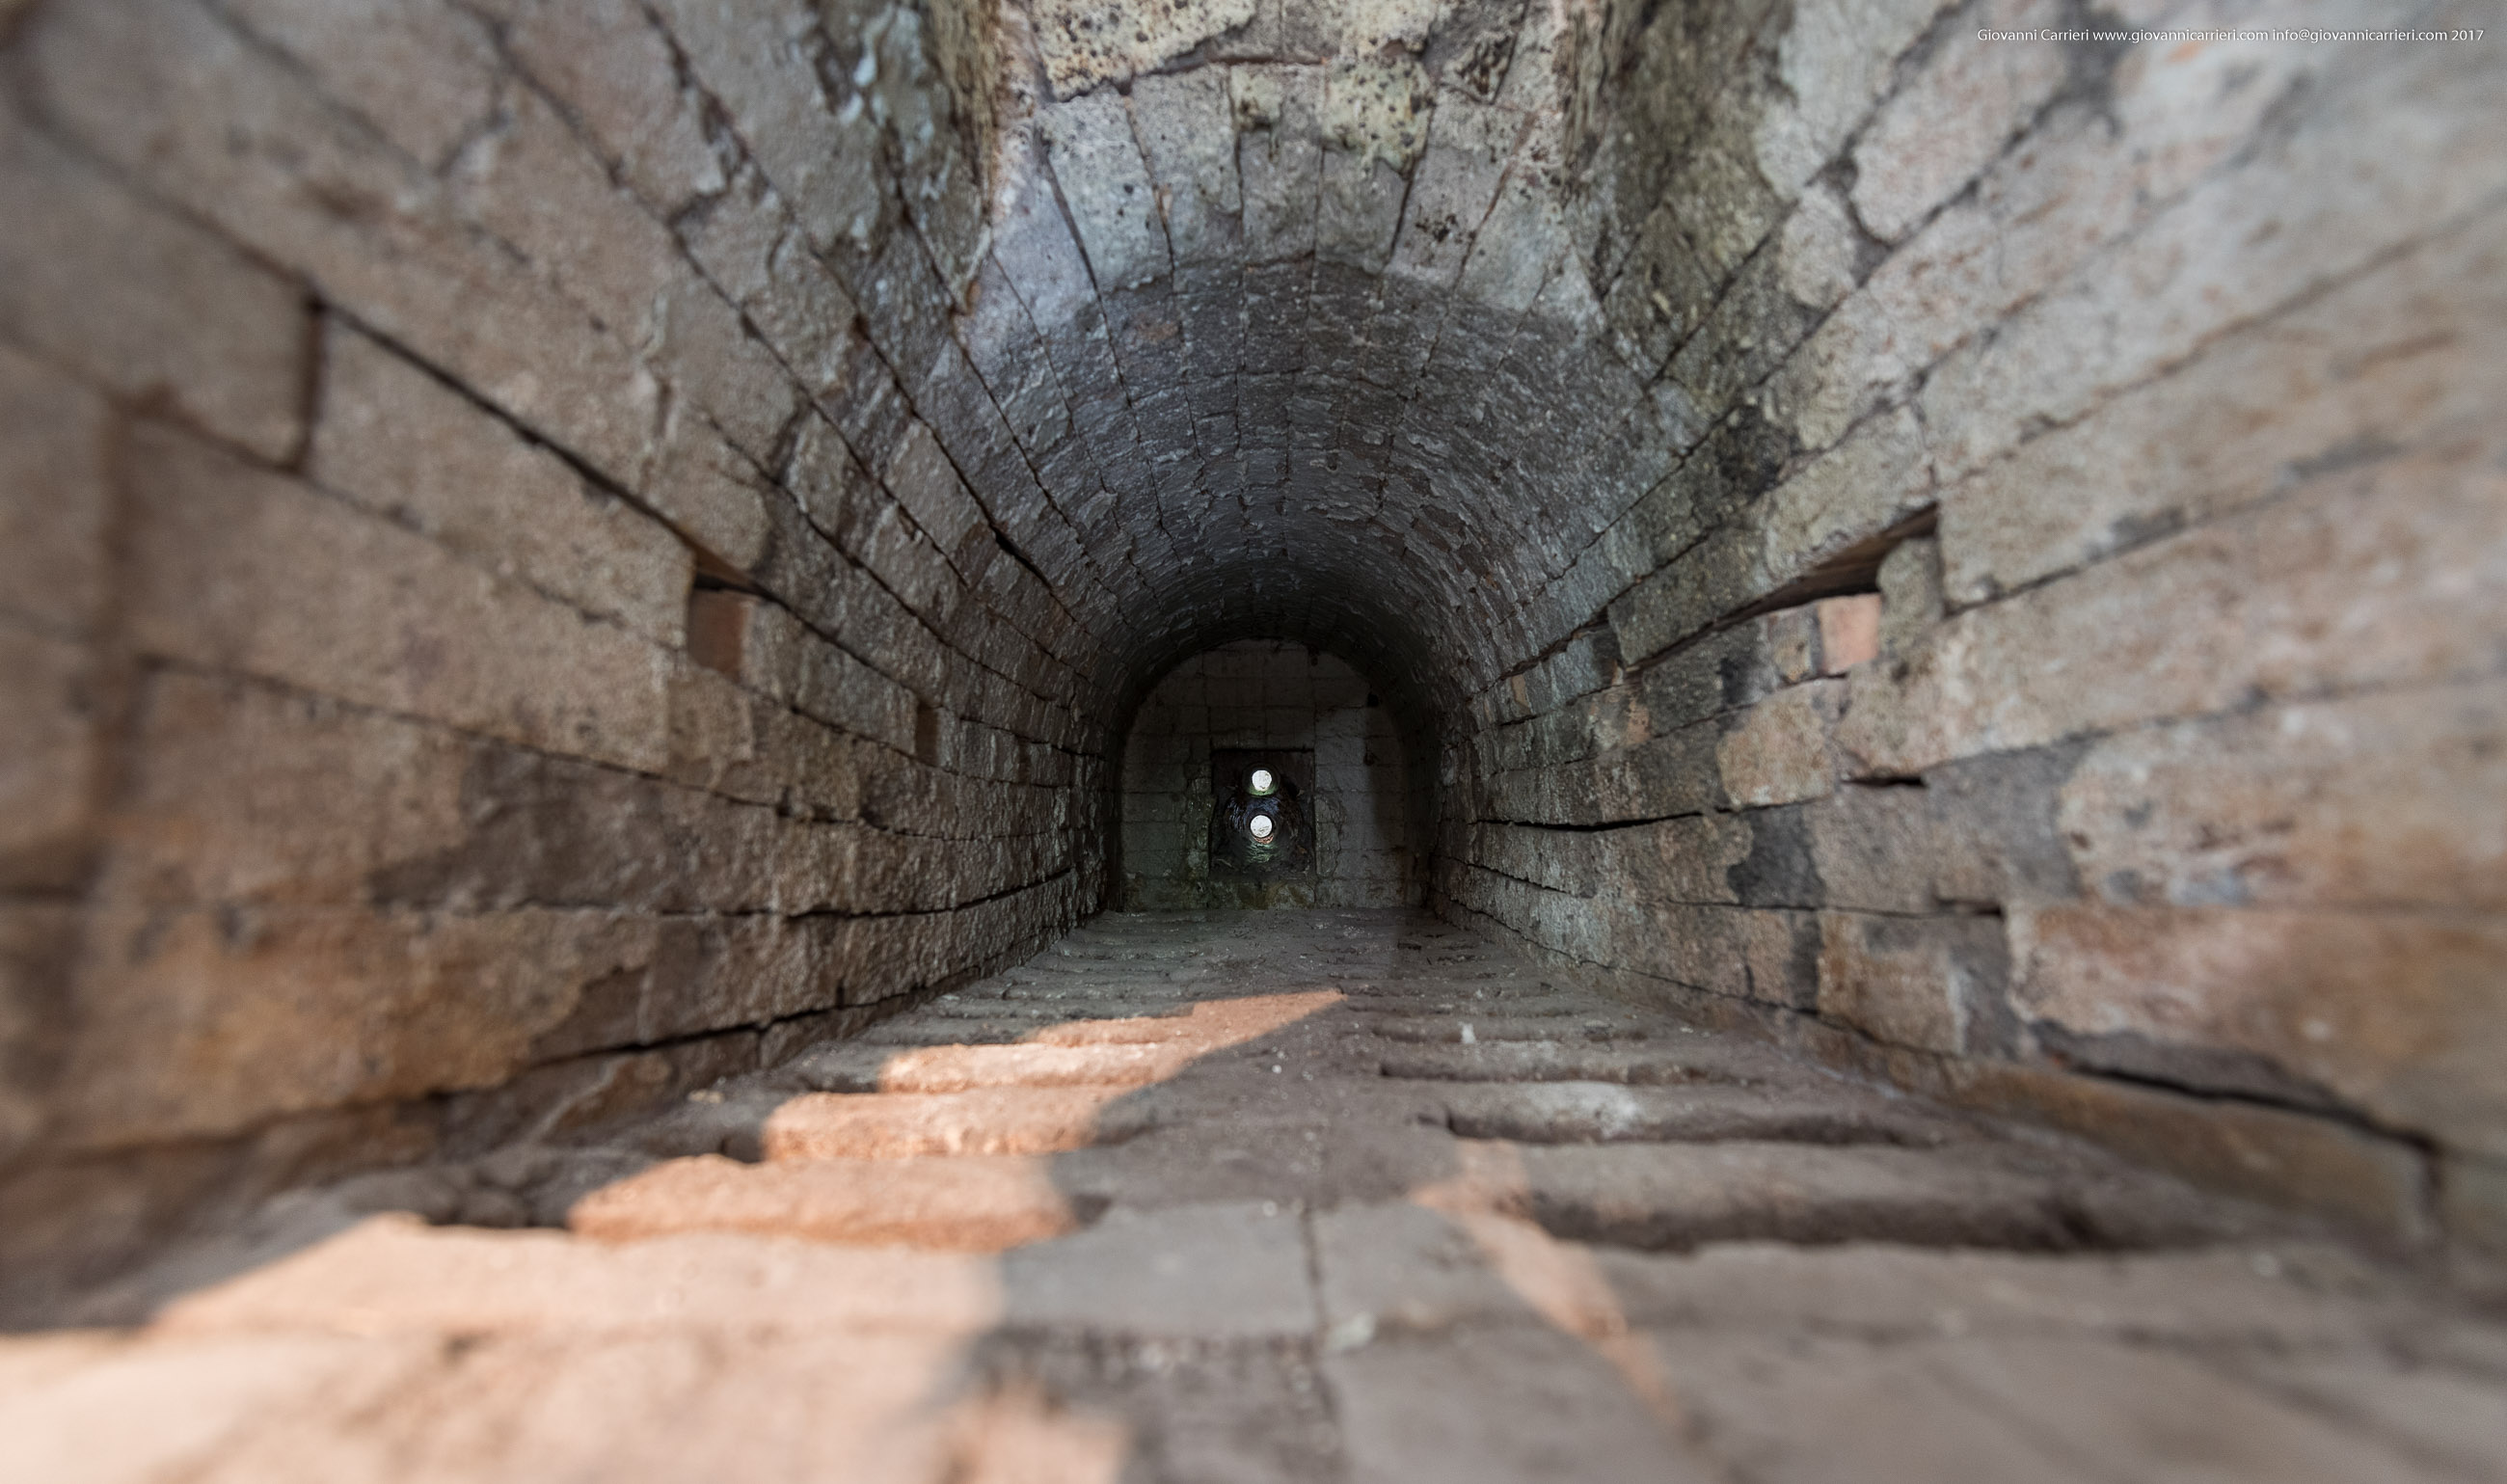 Vista interna del forno del crematorio. Mittelbau-Dora